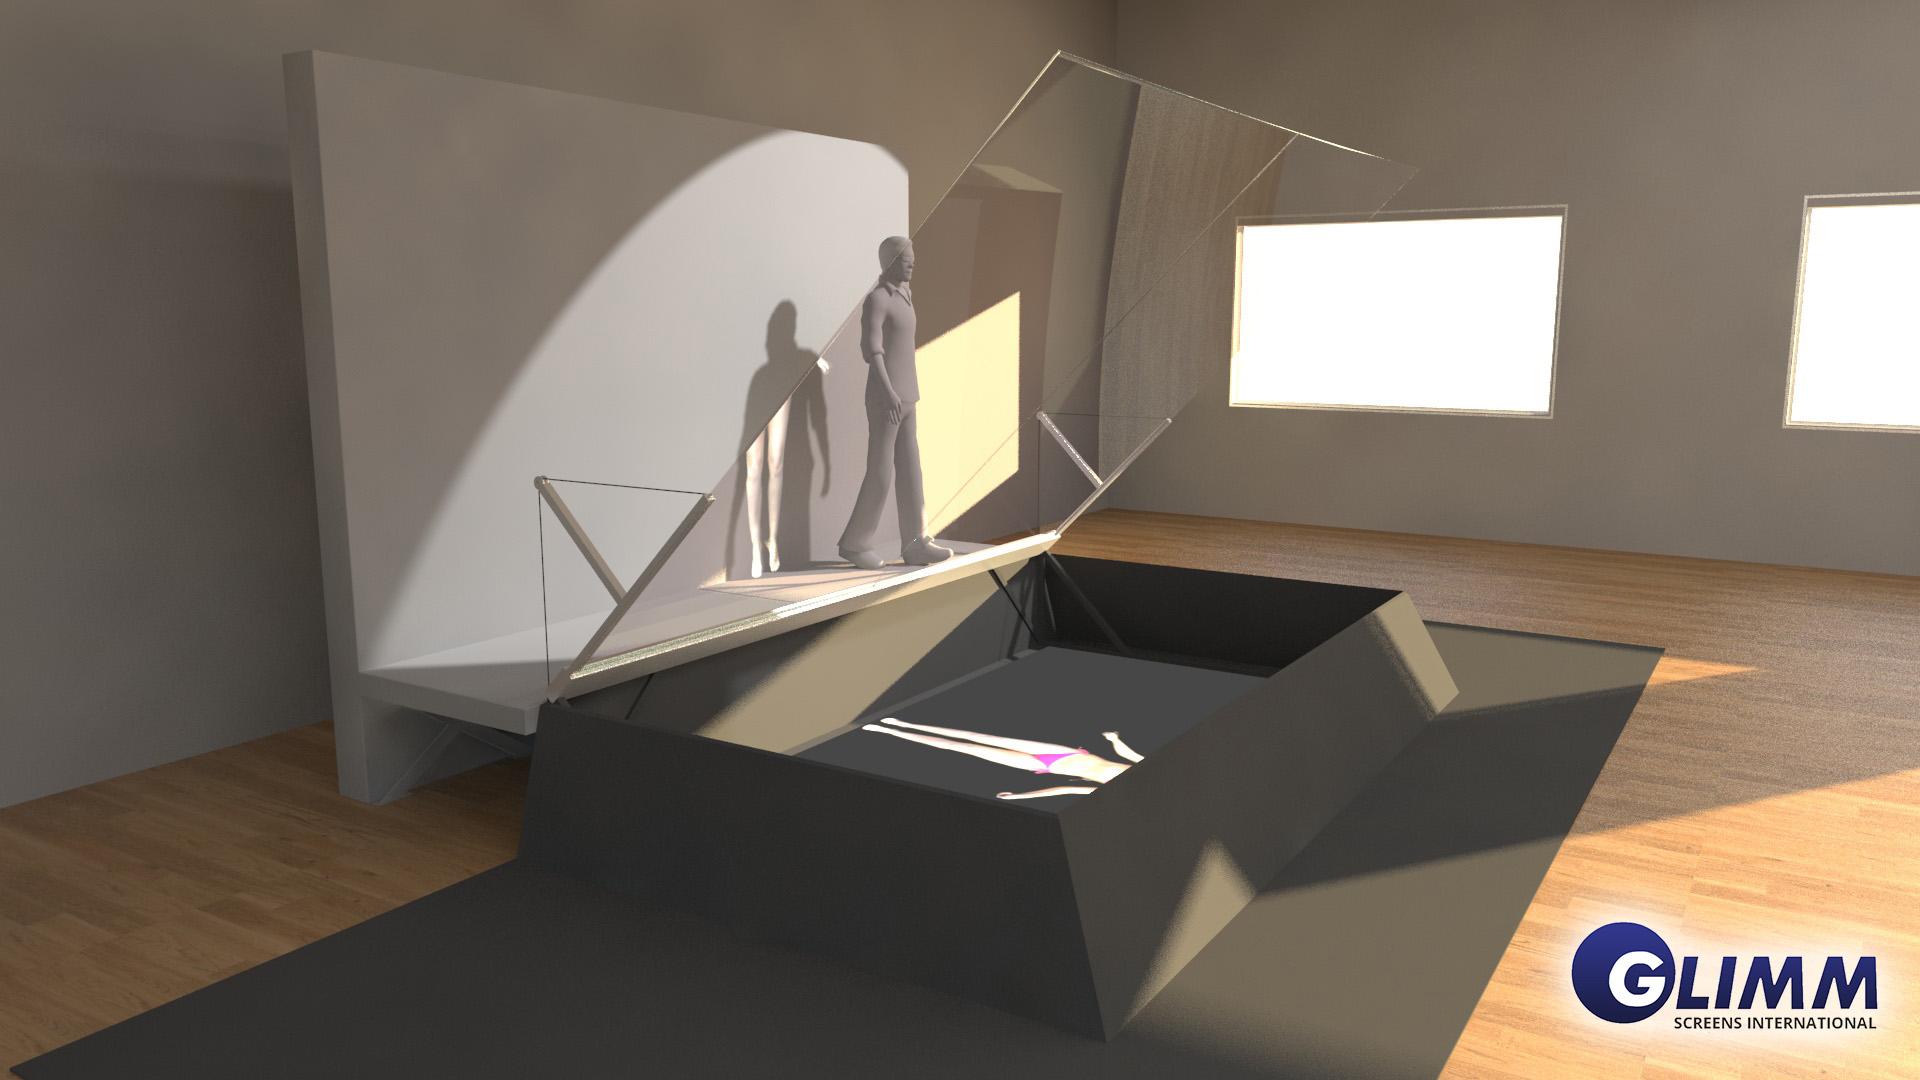 Hologram 3D system